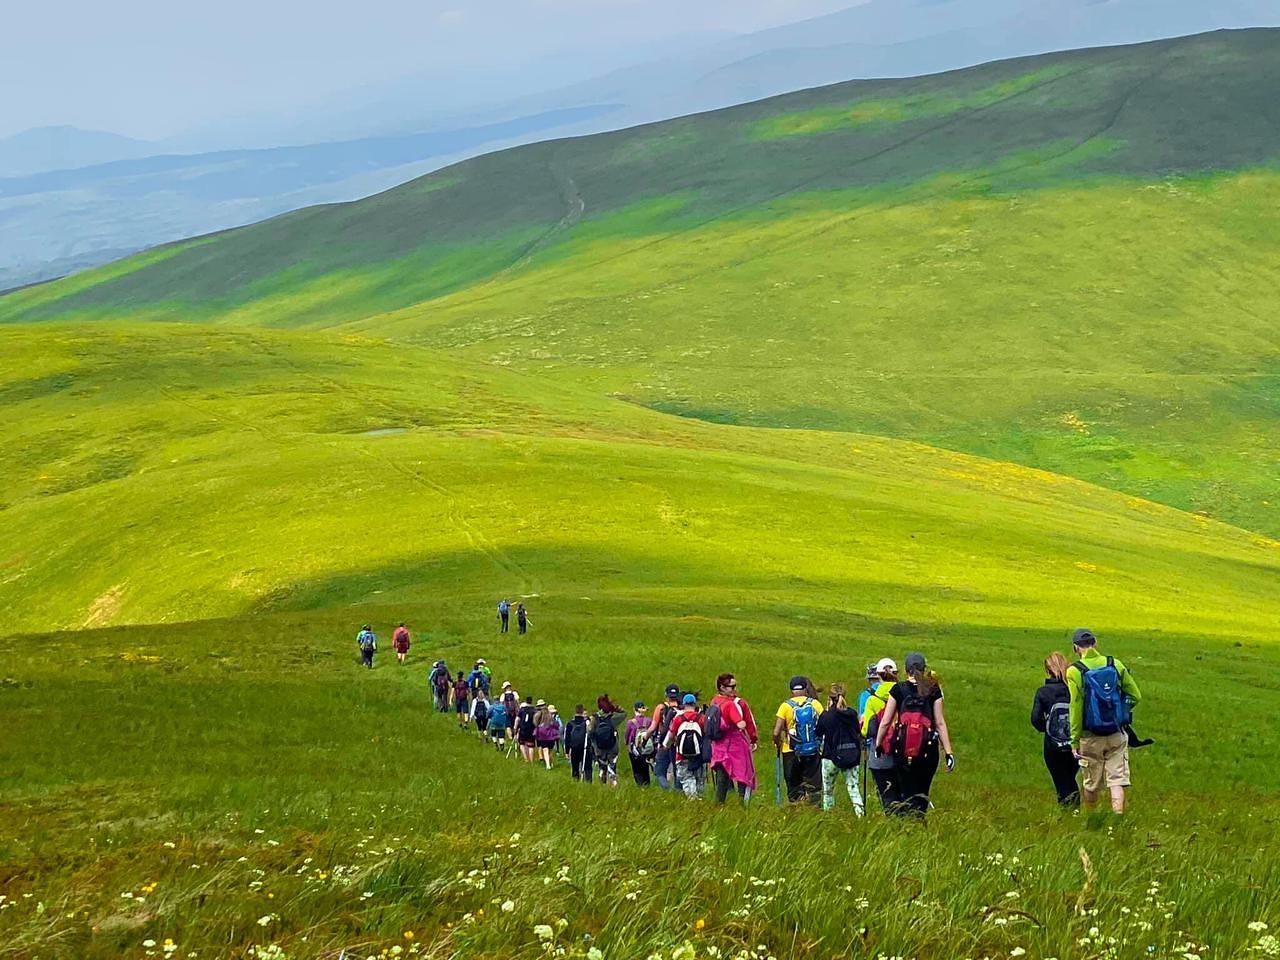 FOTO/ Shtegu i Ngjyrave në Kukës, magjia e turizmit malor